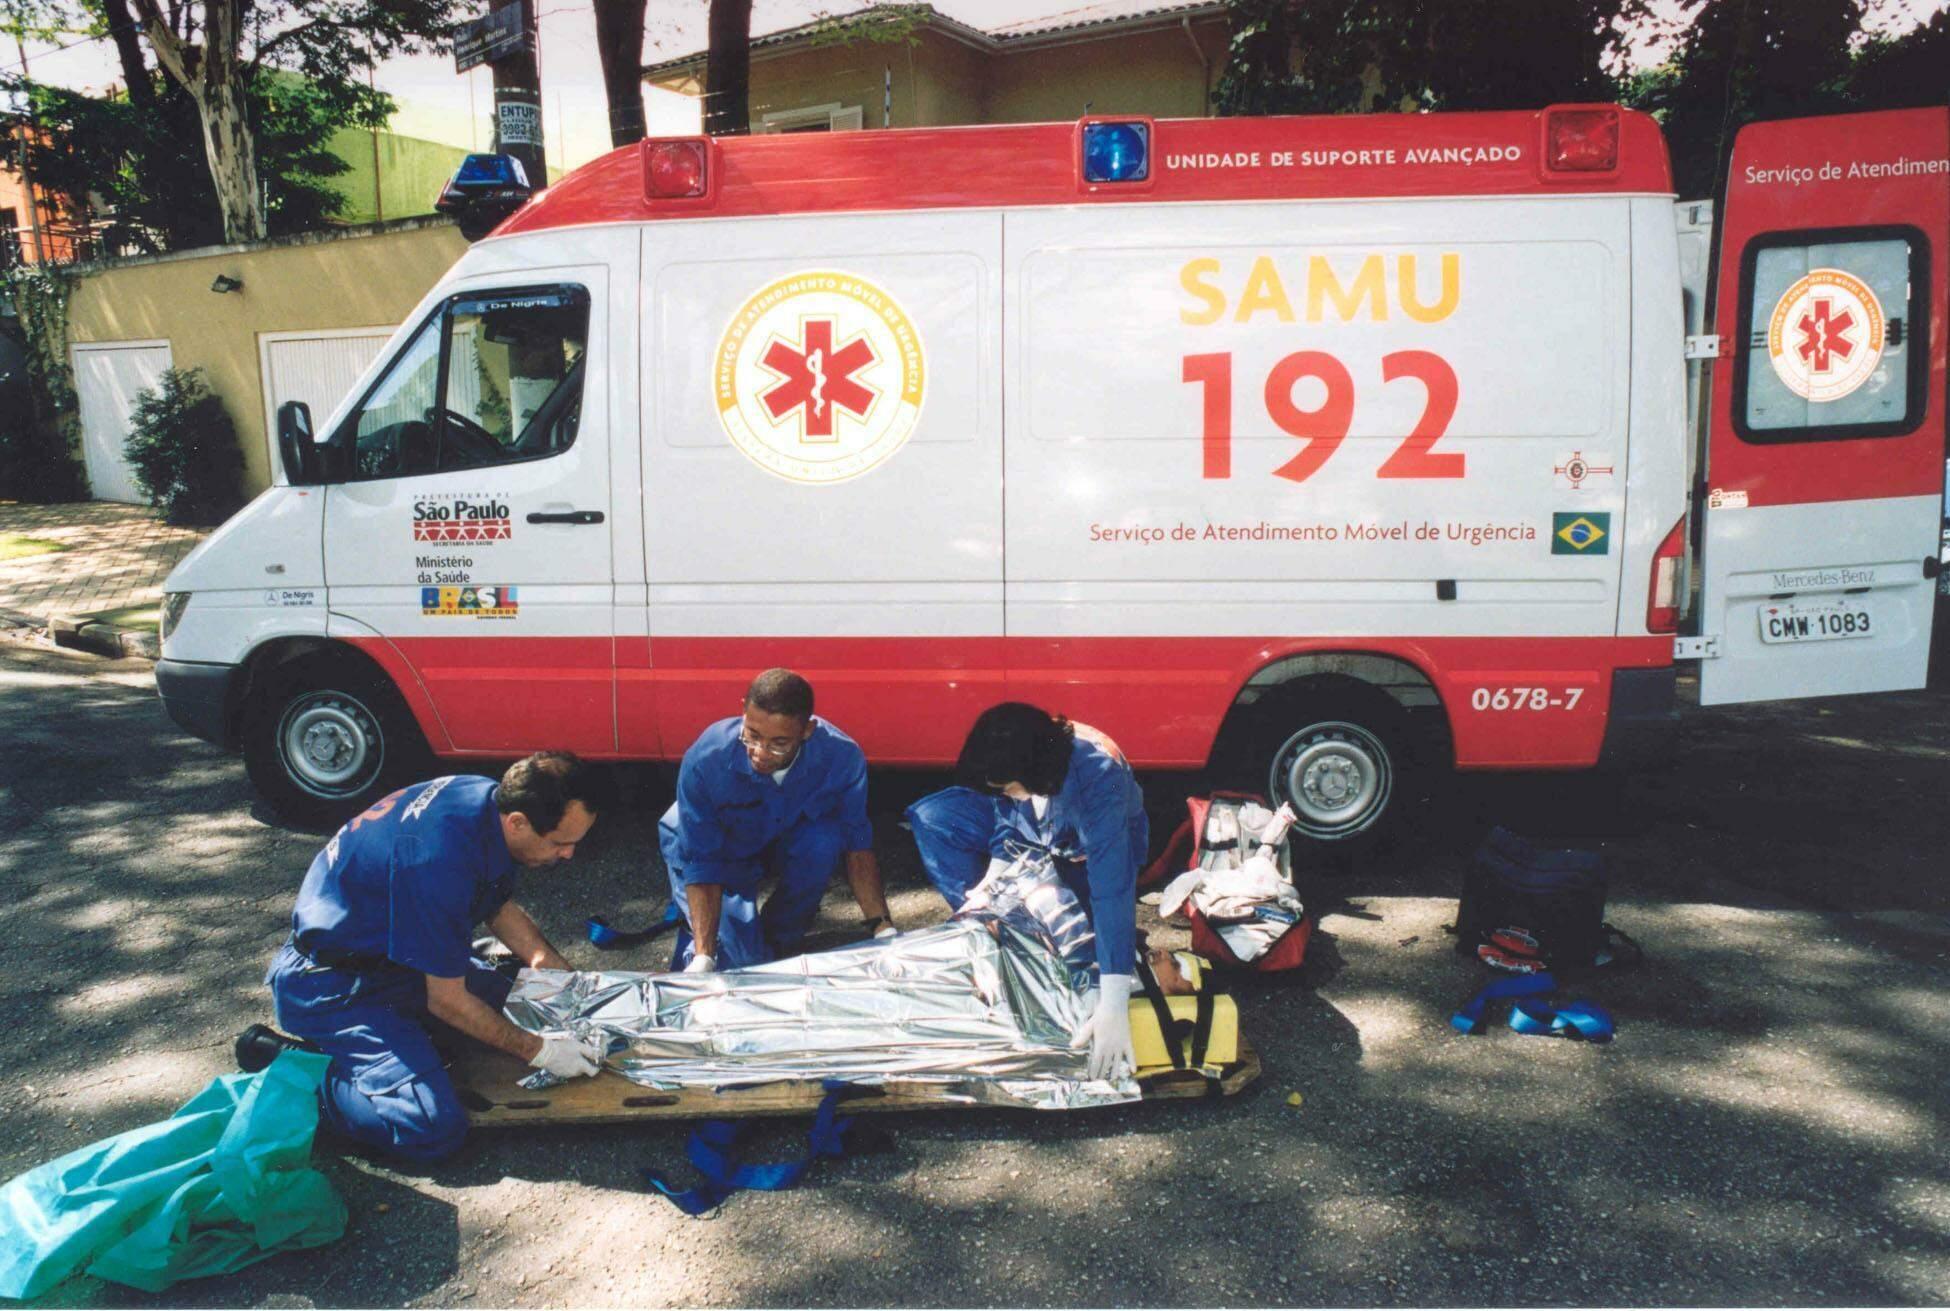 Foto de paramédicos e ambulância do Samu.